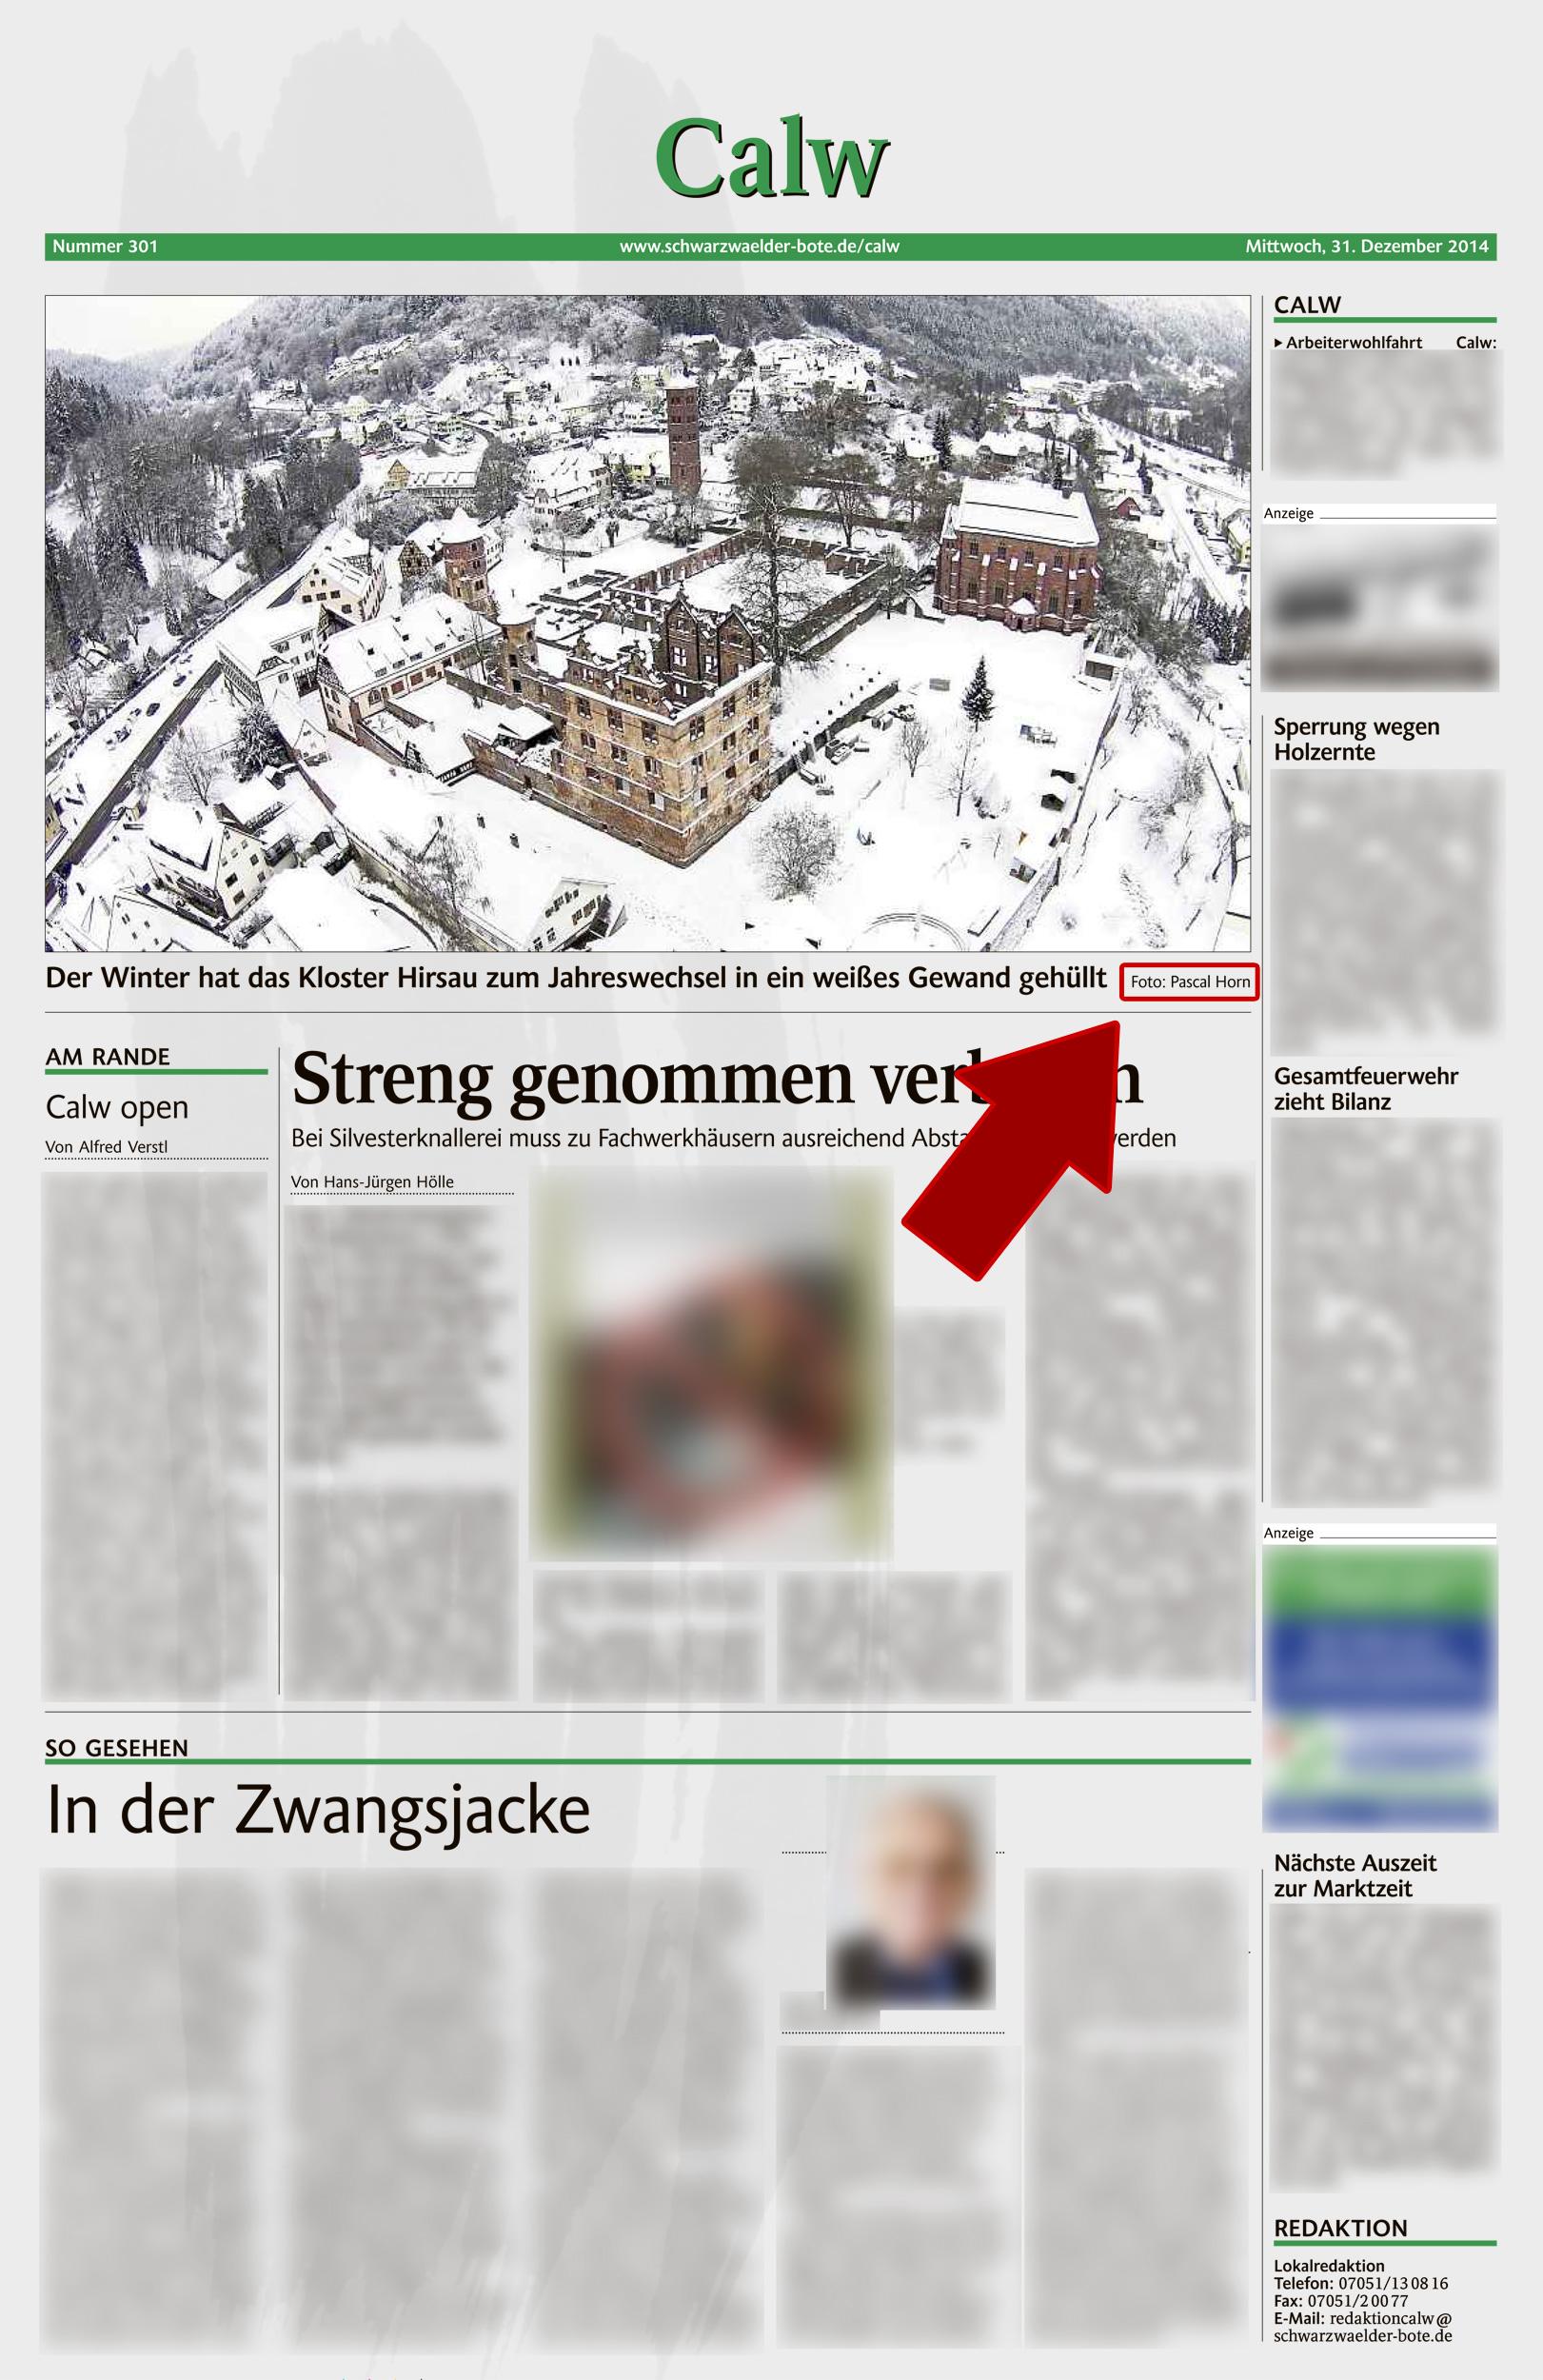 Schwarzwälder Bote bringt mein Bild vom verschneiten Hirsauer Kloster